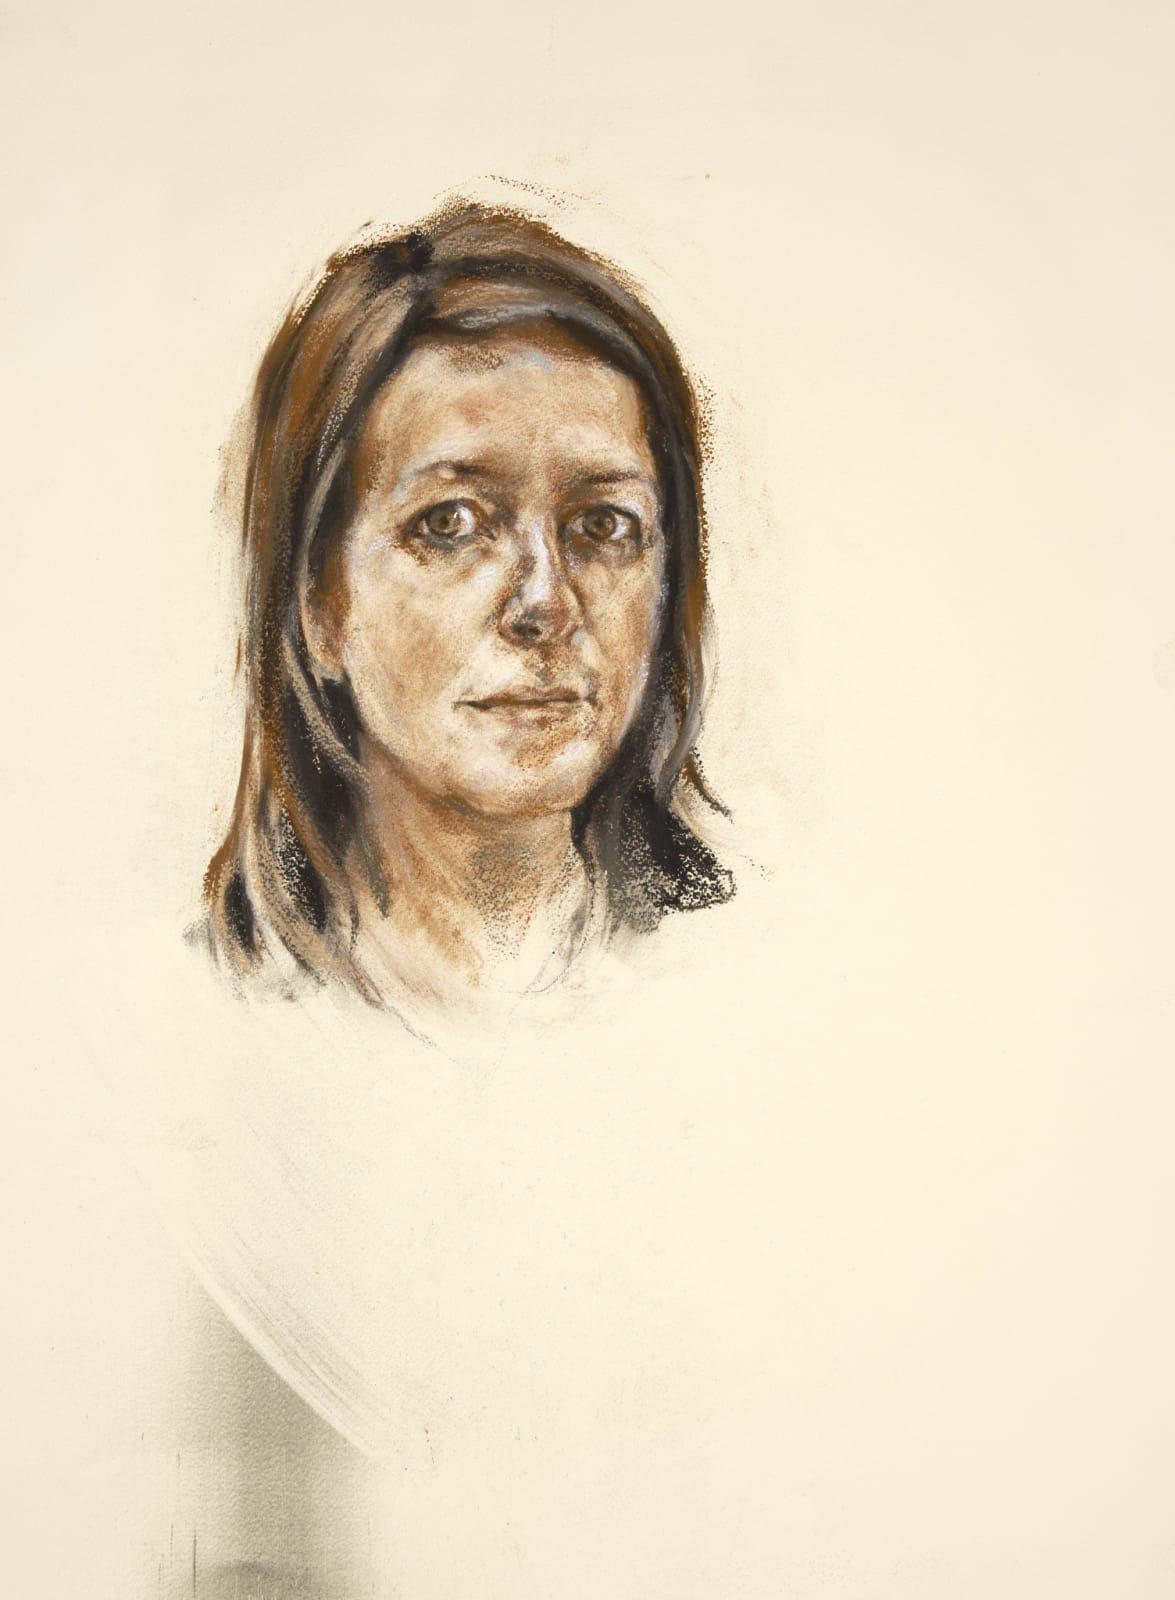 Nicola Hicks, Self-Portrait II, 2013